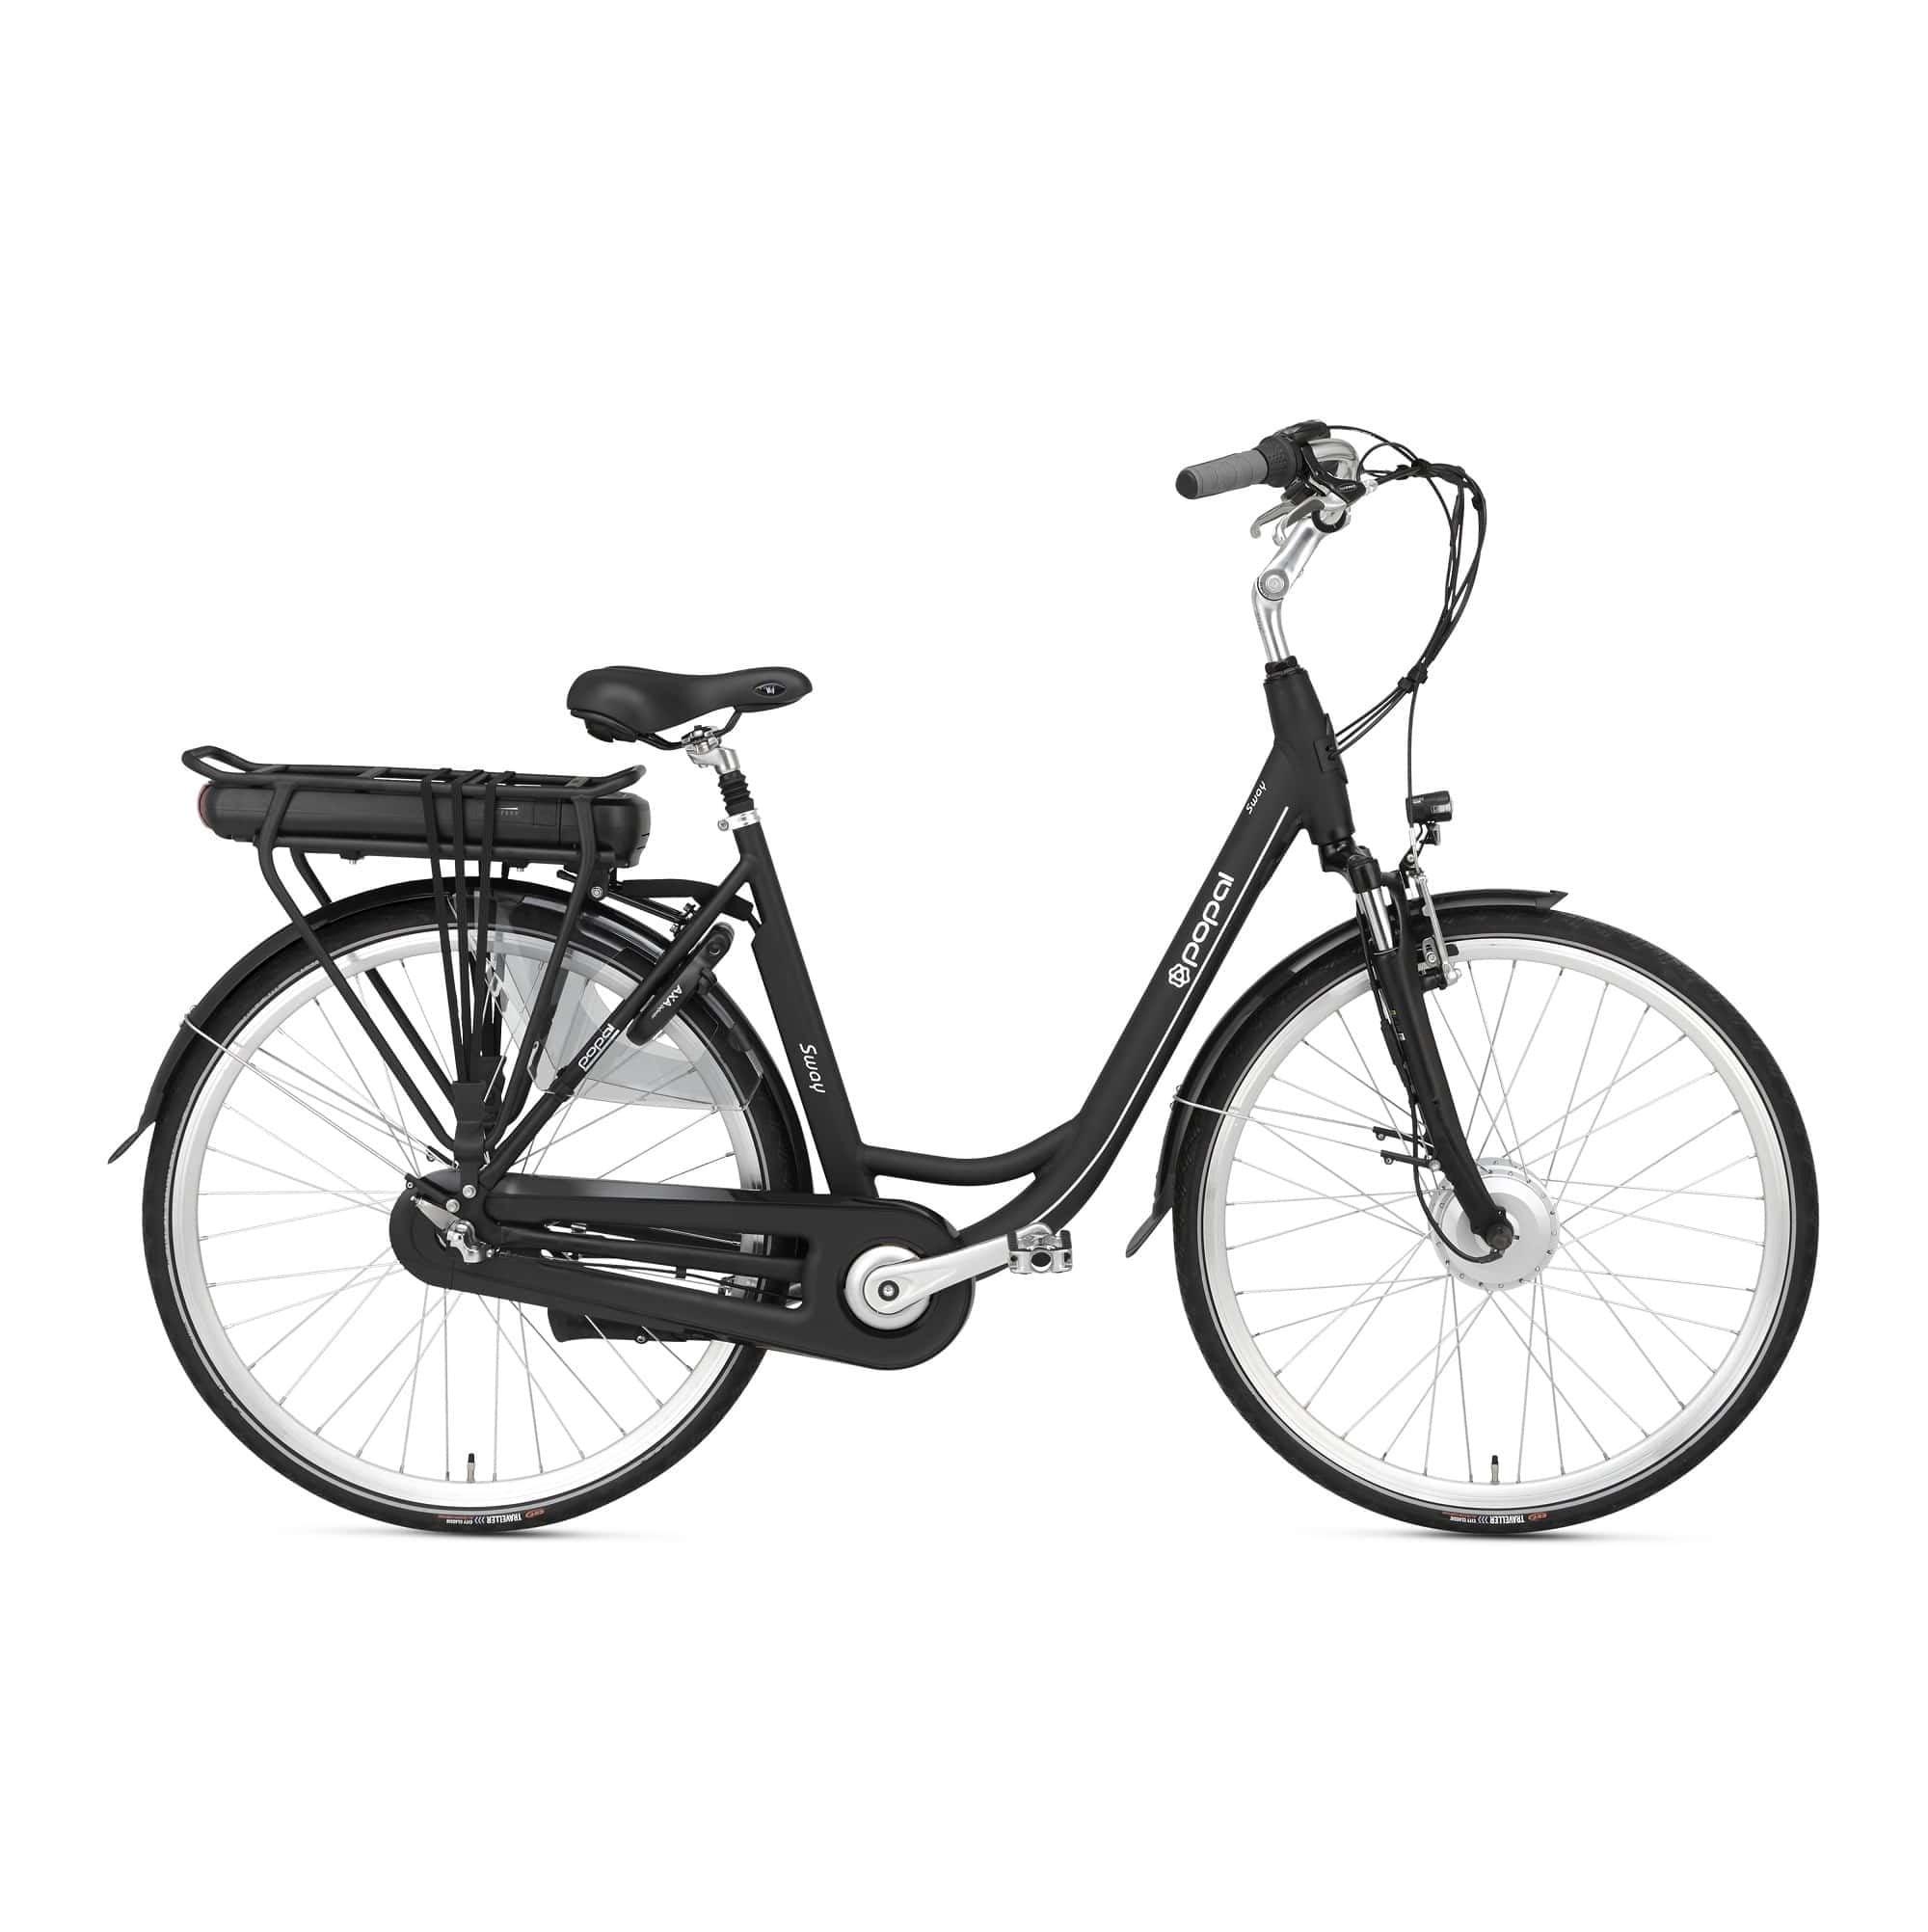 Popal-Sway-elektrische-fiets-2-min-1.jpg